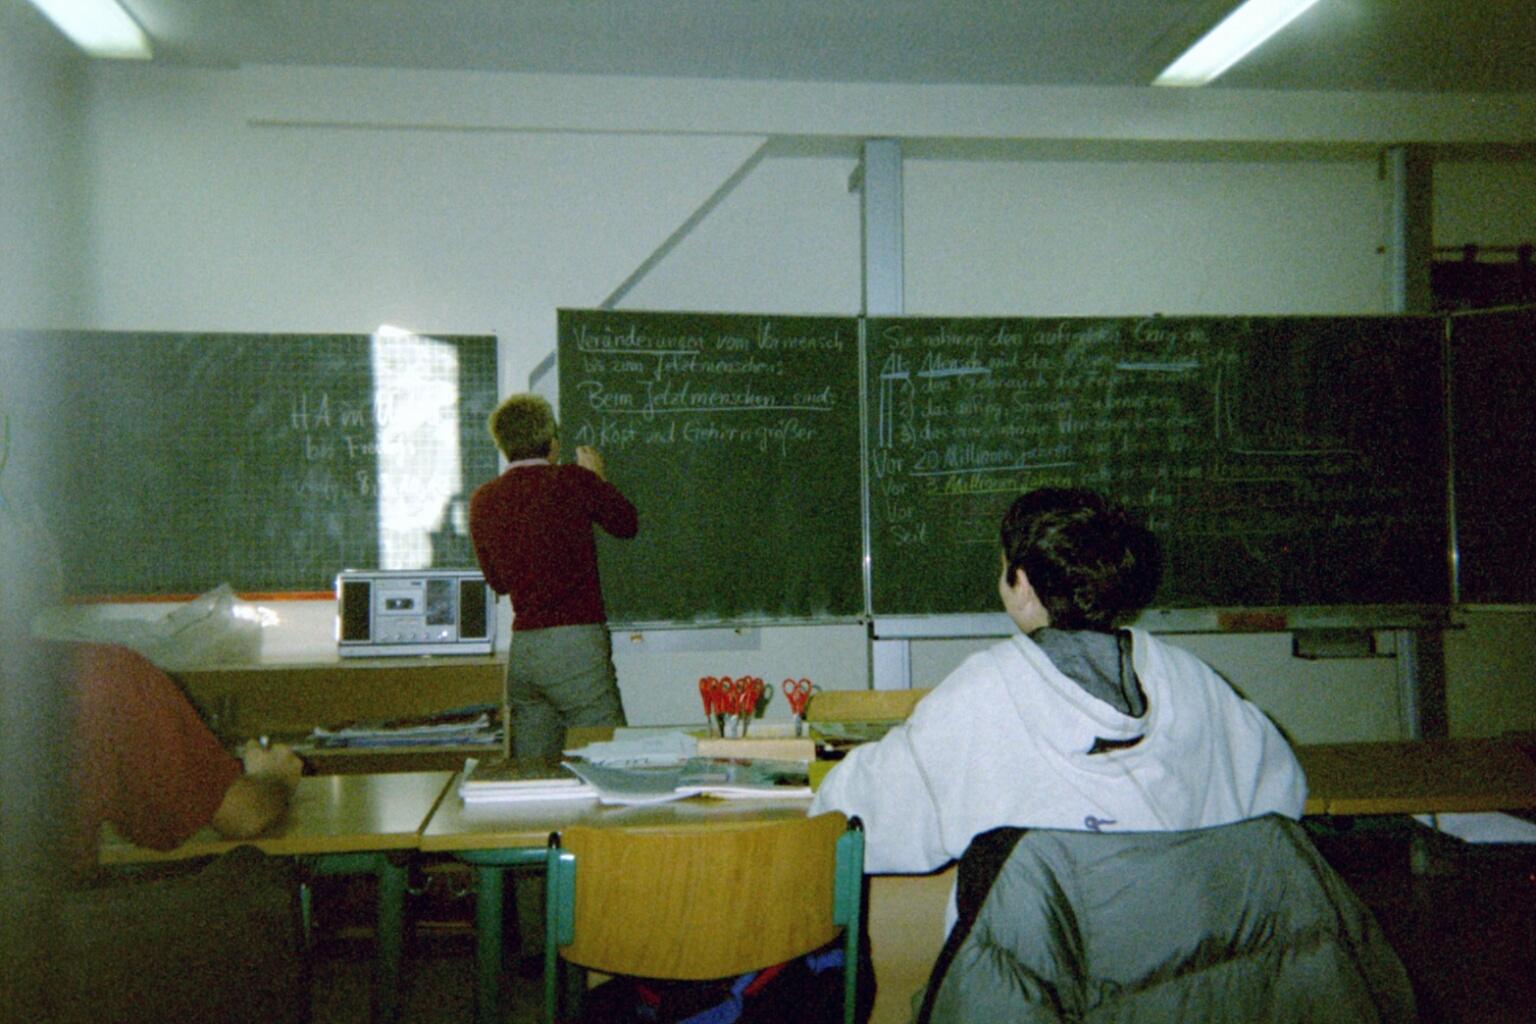 Foto: EU-Projekt CHICAM (2001-2004)